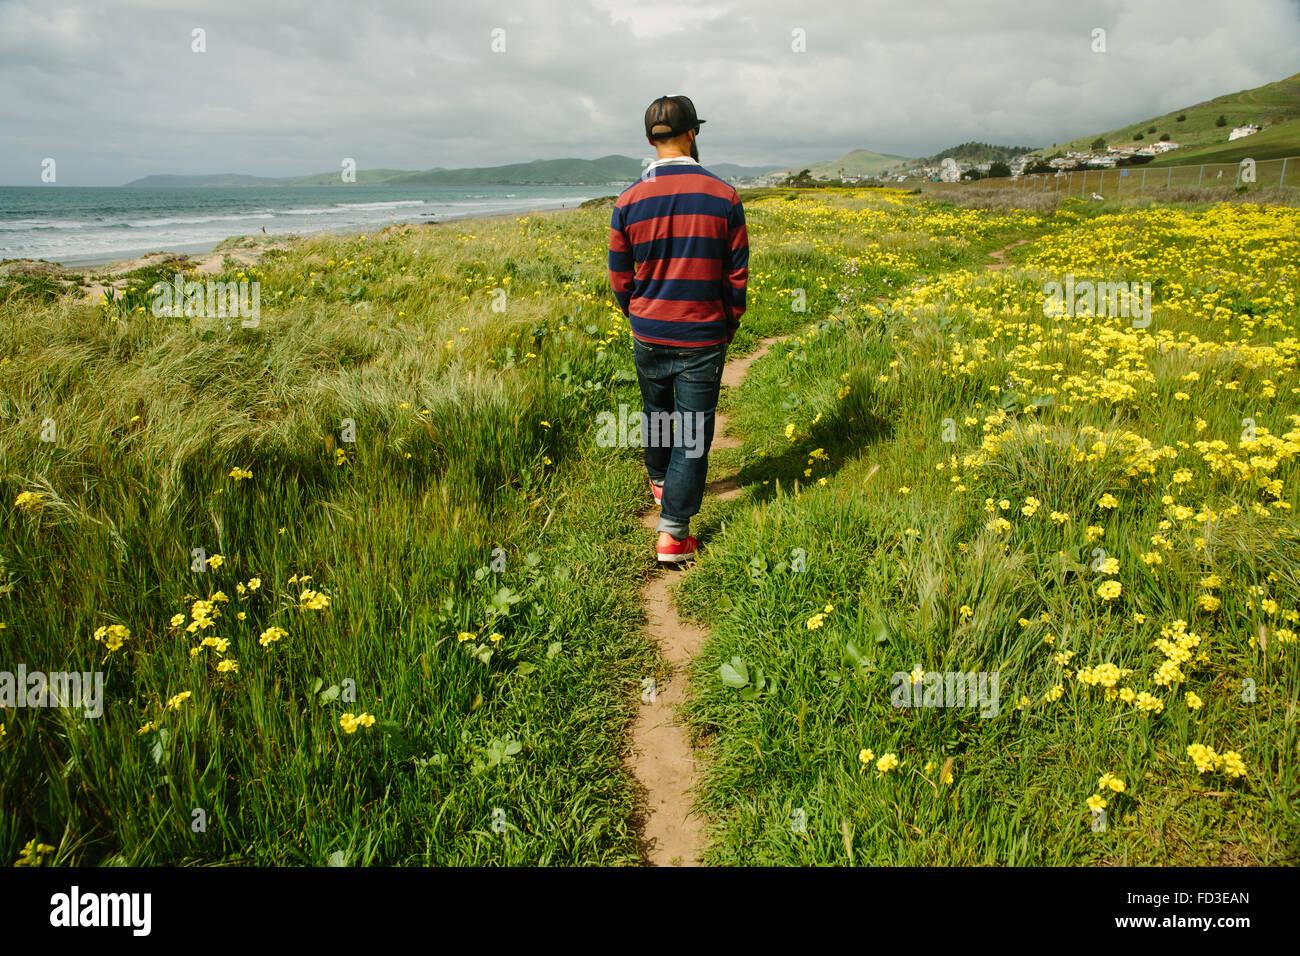 Un uomo cammina tra i fiori gialli lungo il litorale di Big Sur, California. Immagini Stock